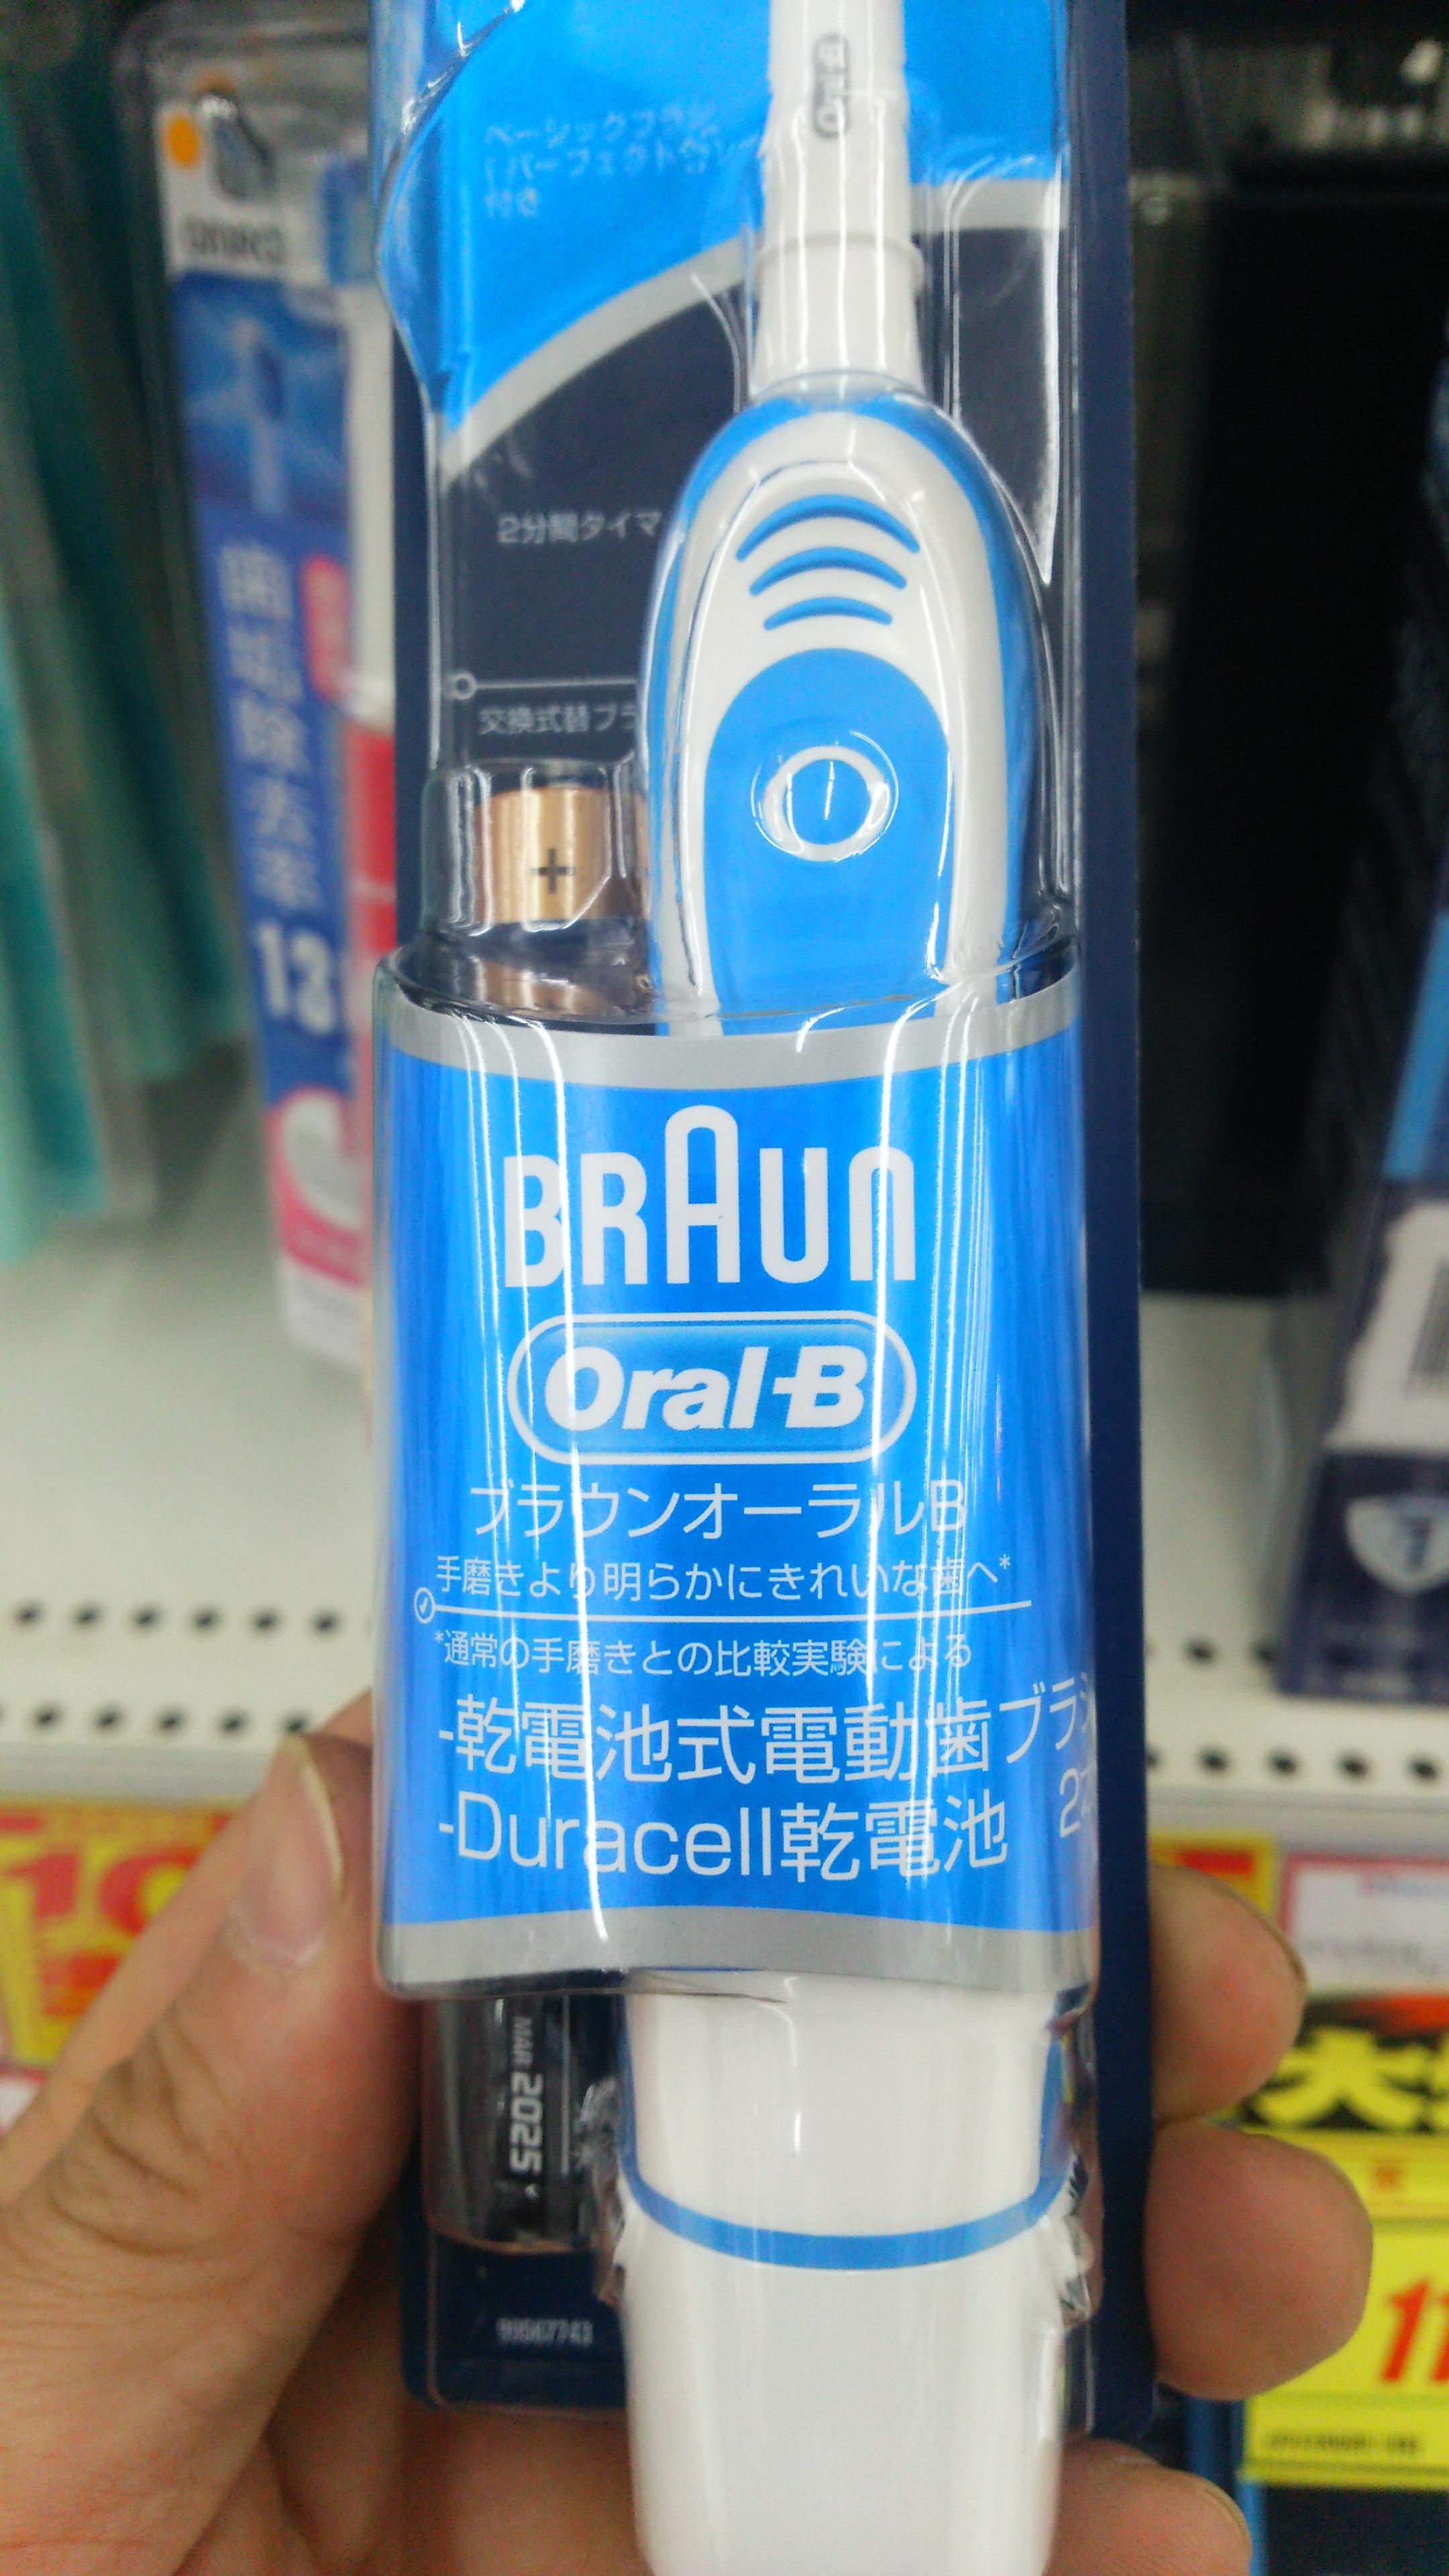 電動歯ブラシ「ブラウンオーラルBプラックコントロールDB4510NE」 使ってみたら扱いやすい!